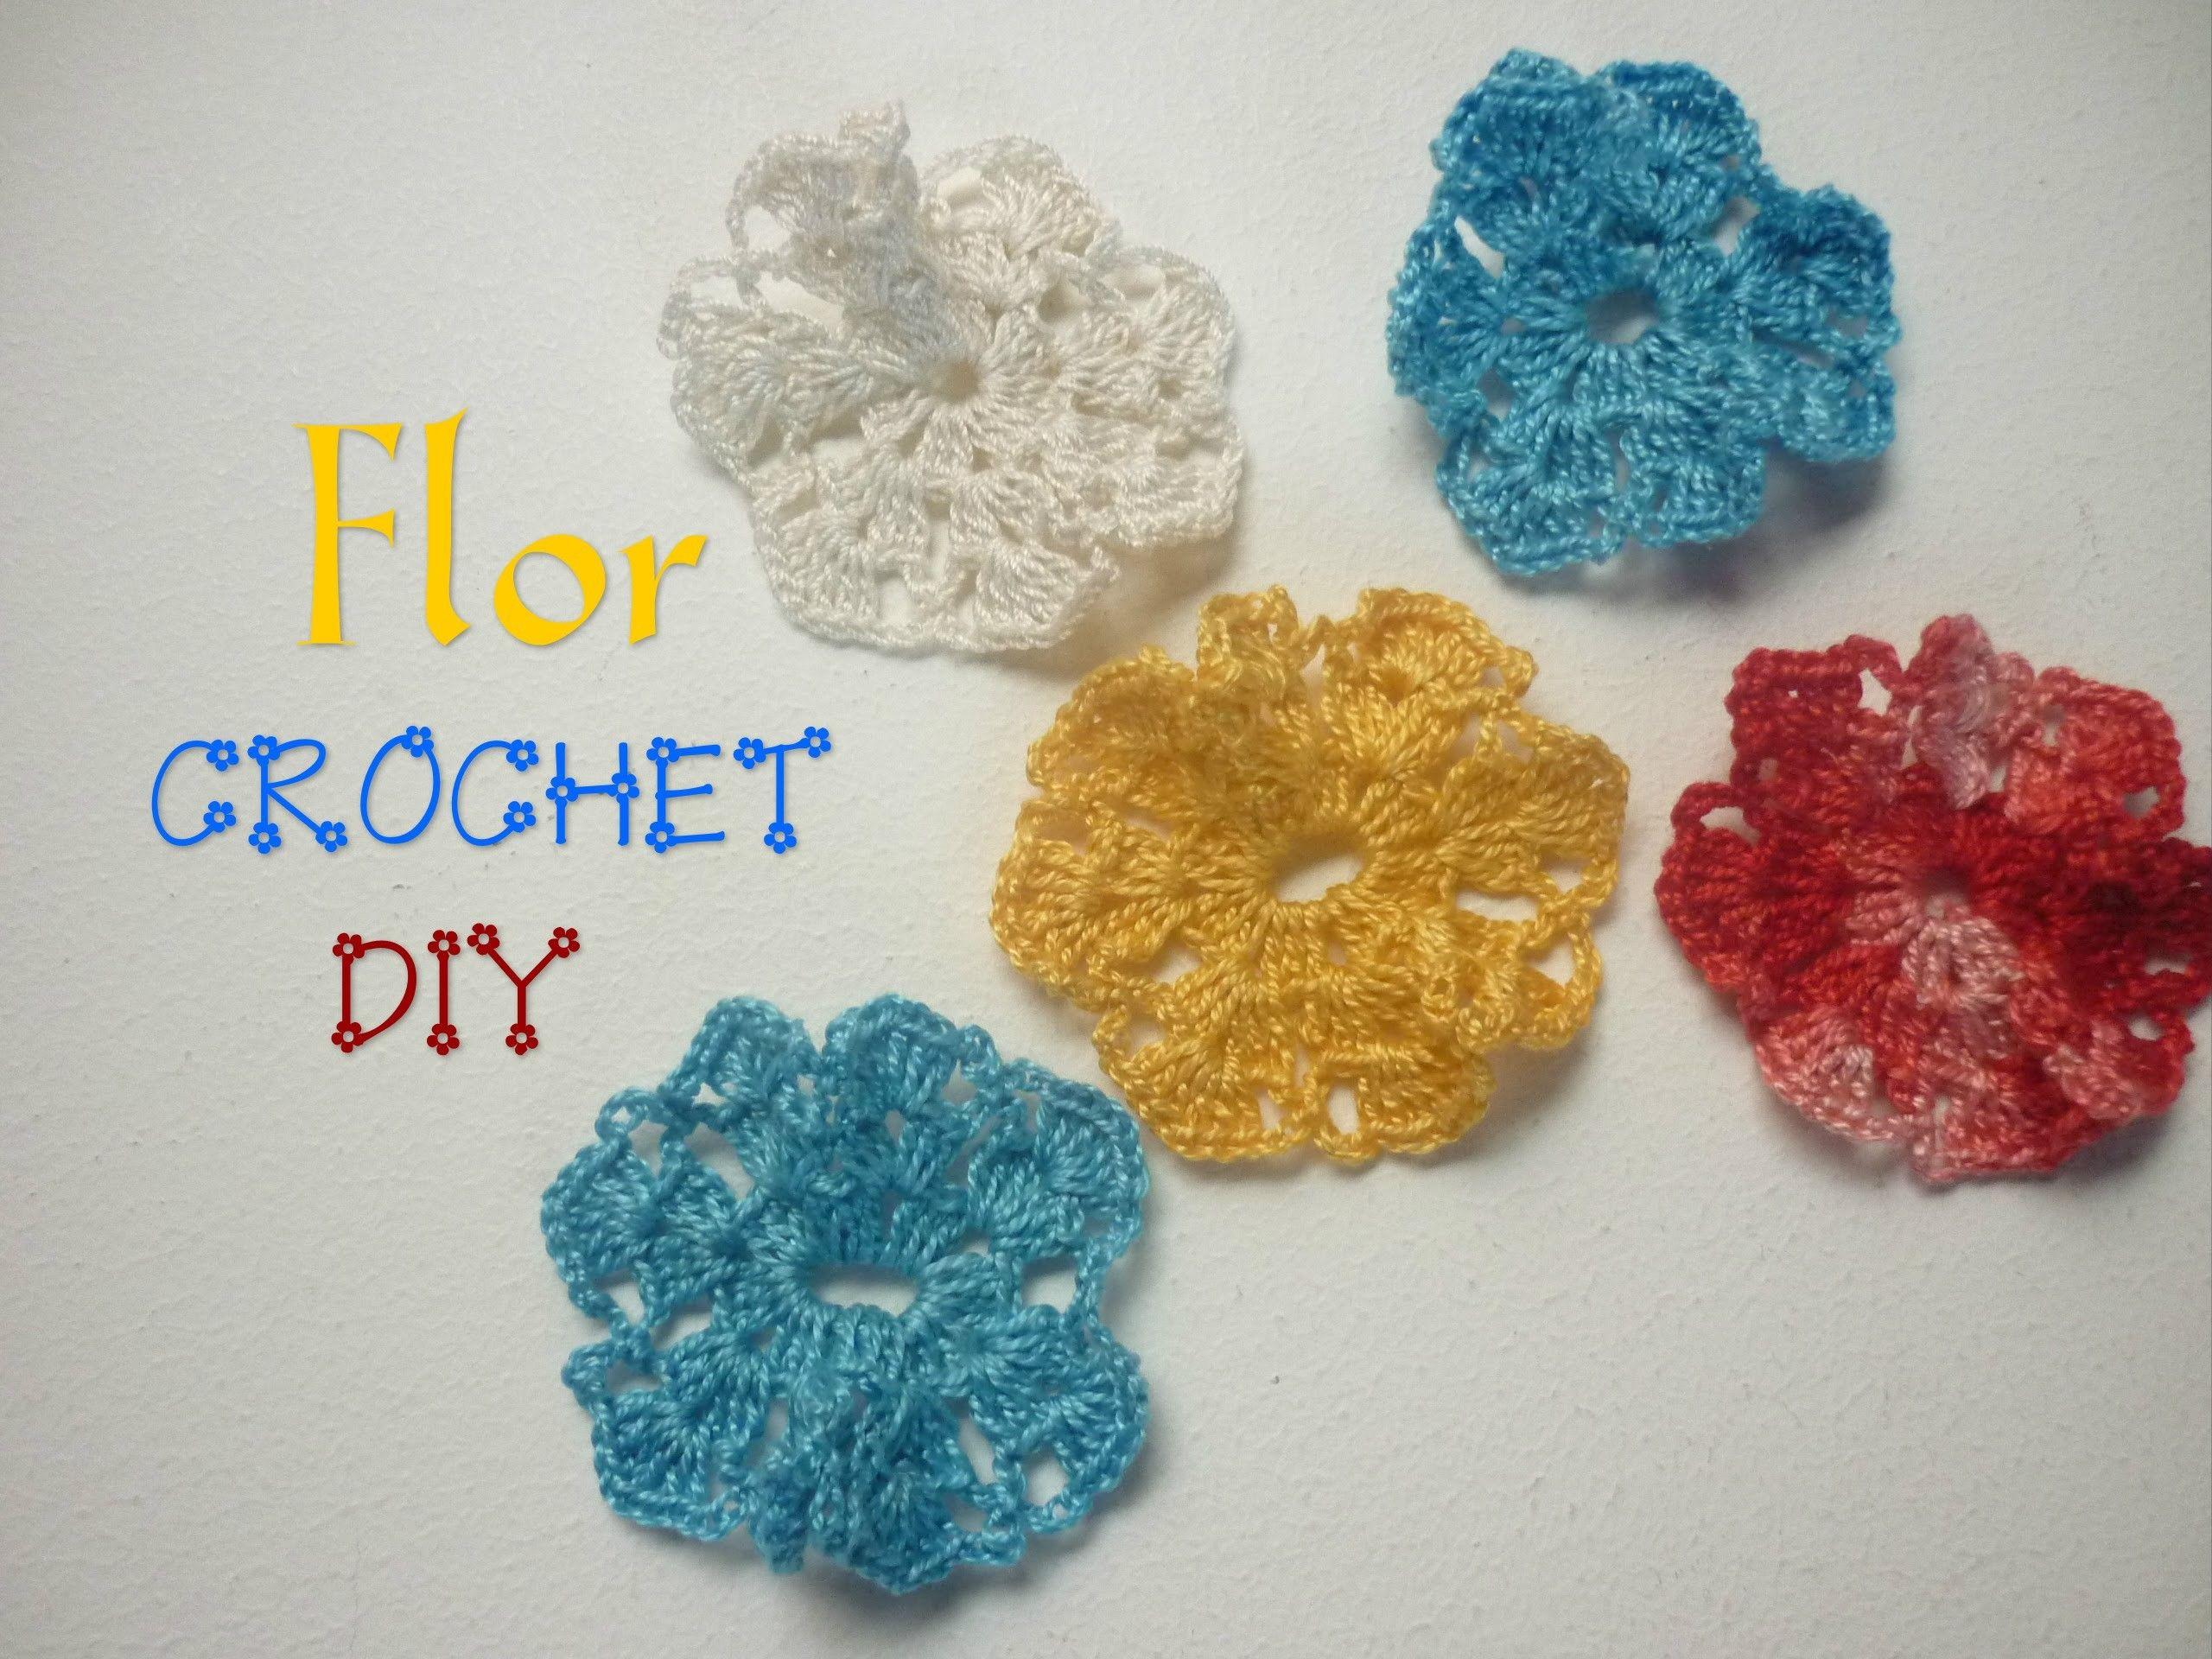 Manualidades COMO hacer FLOR en CROCHET DIY CROCHET FLOWER in DIY